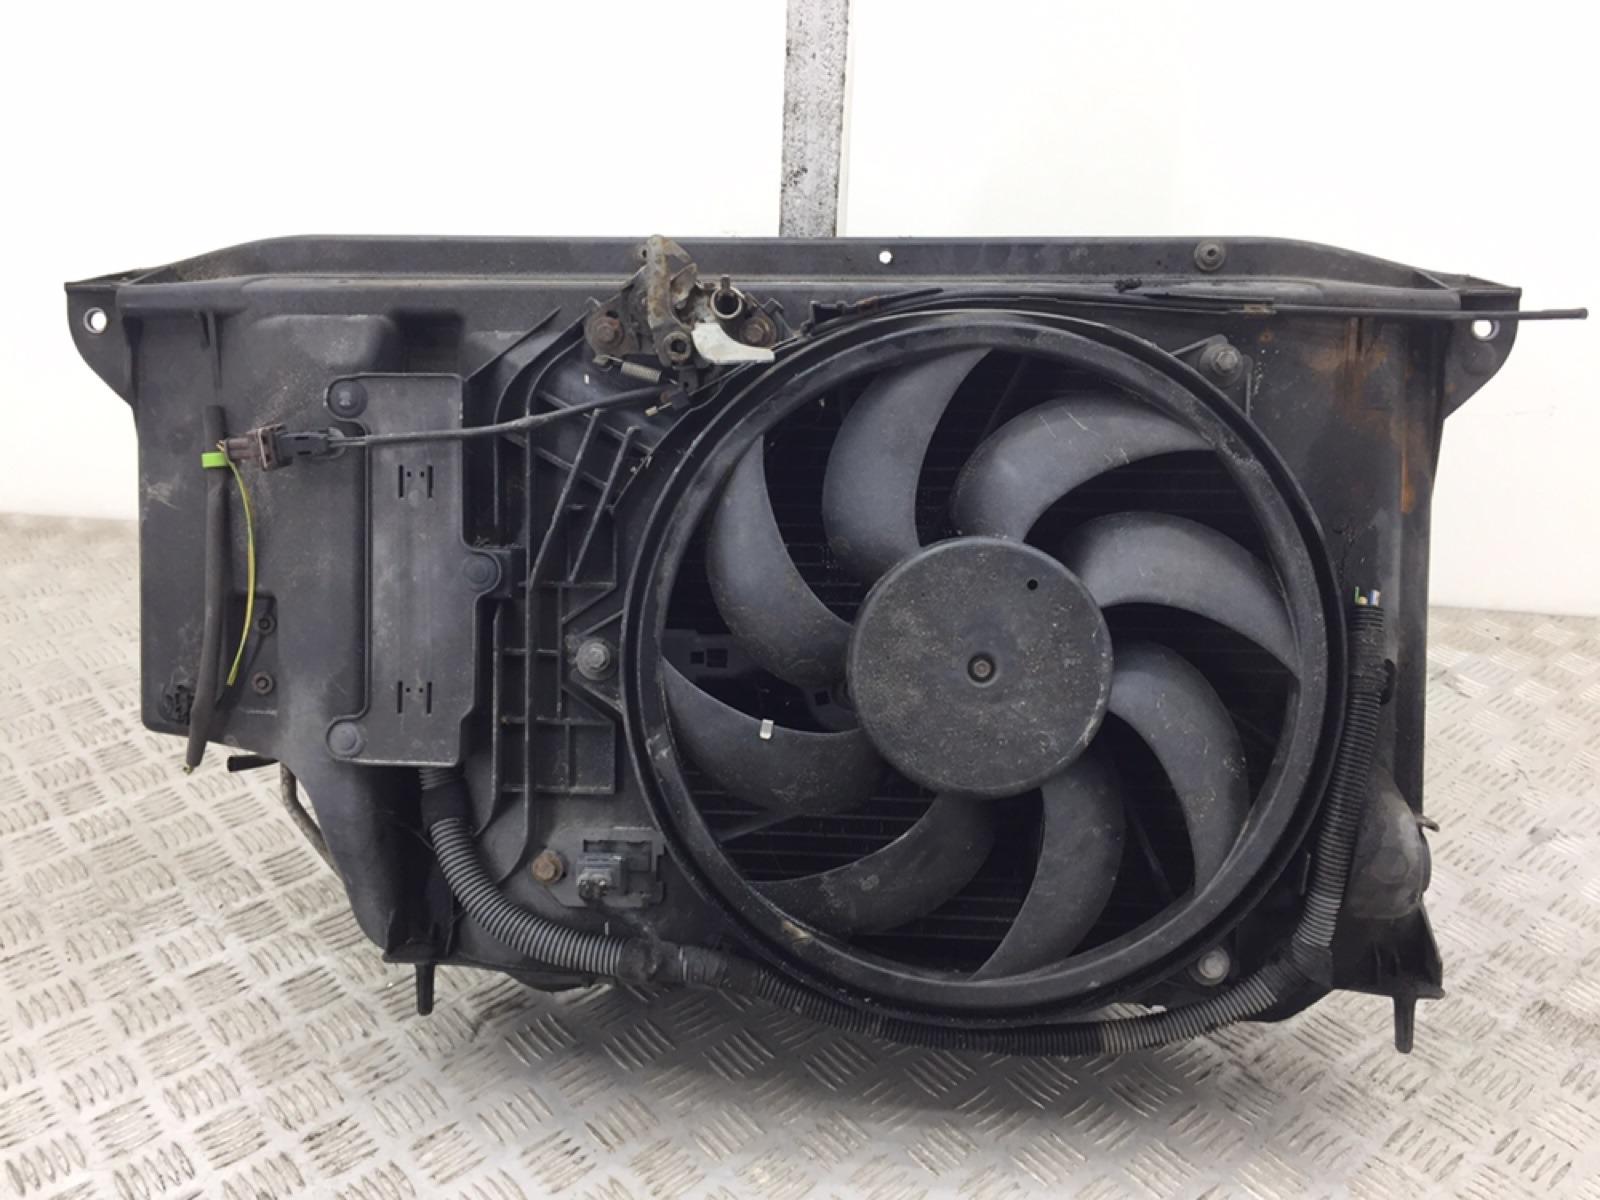 Кассета радиаторов Peugeot 206 CC 1.6 I 2005 (б/у)